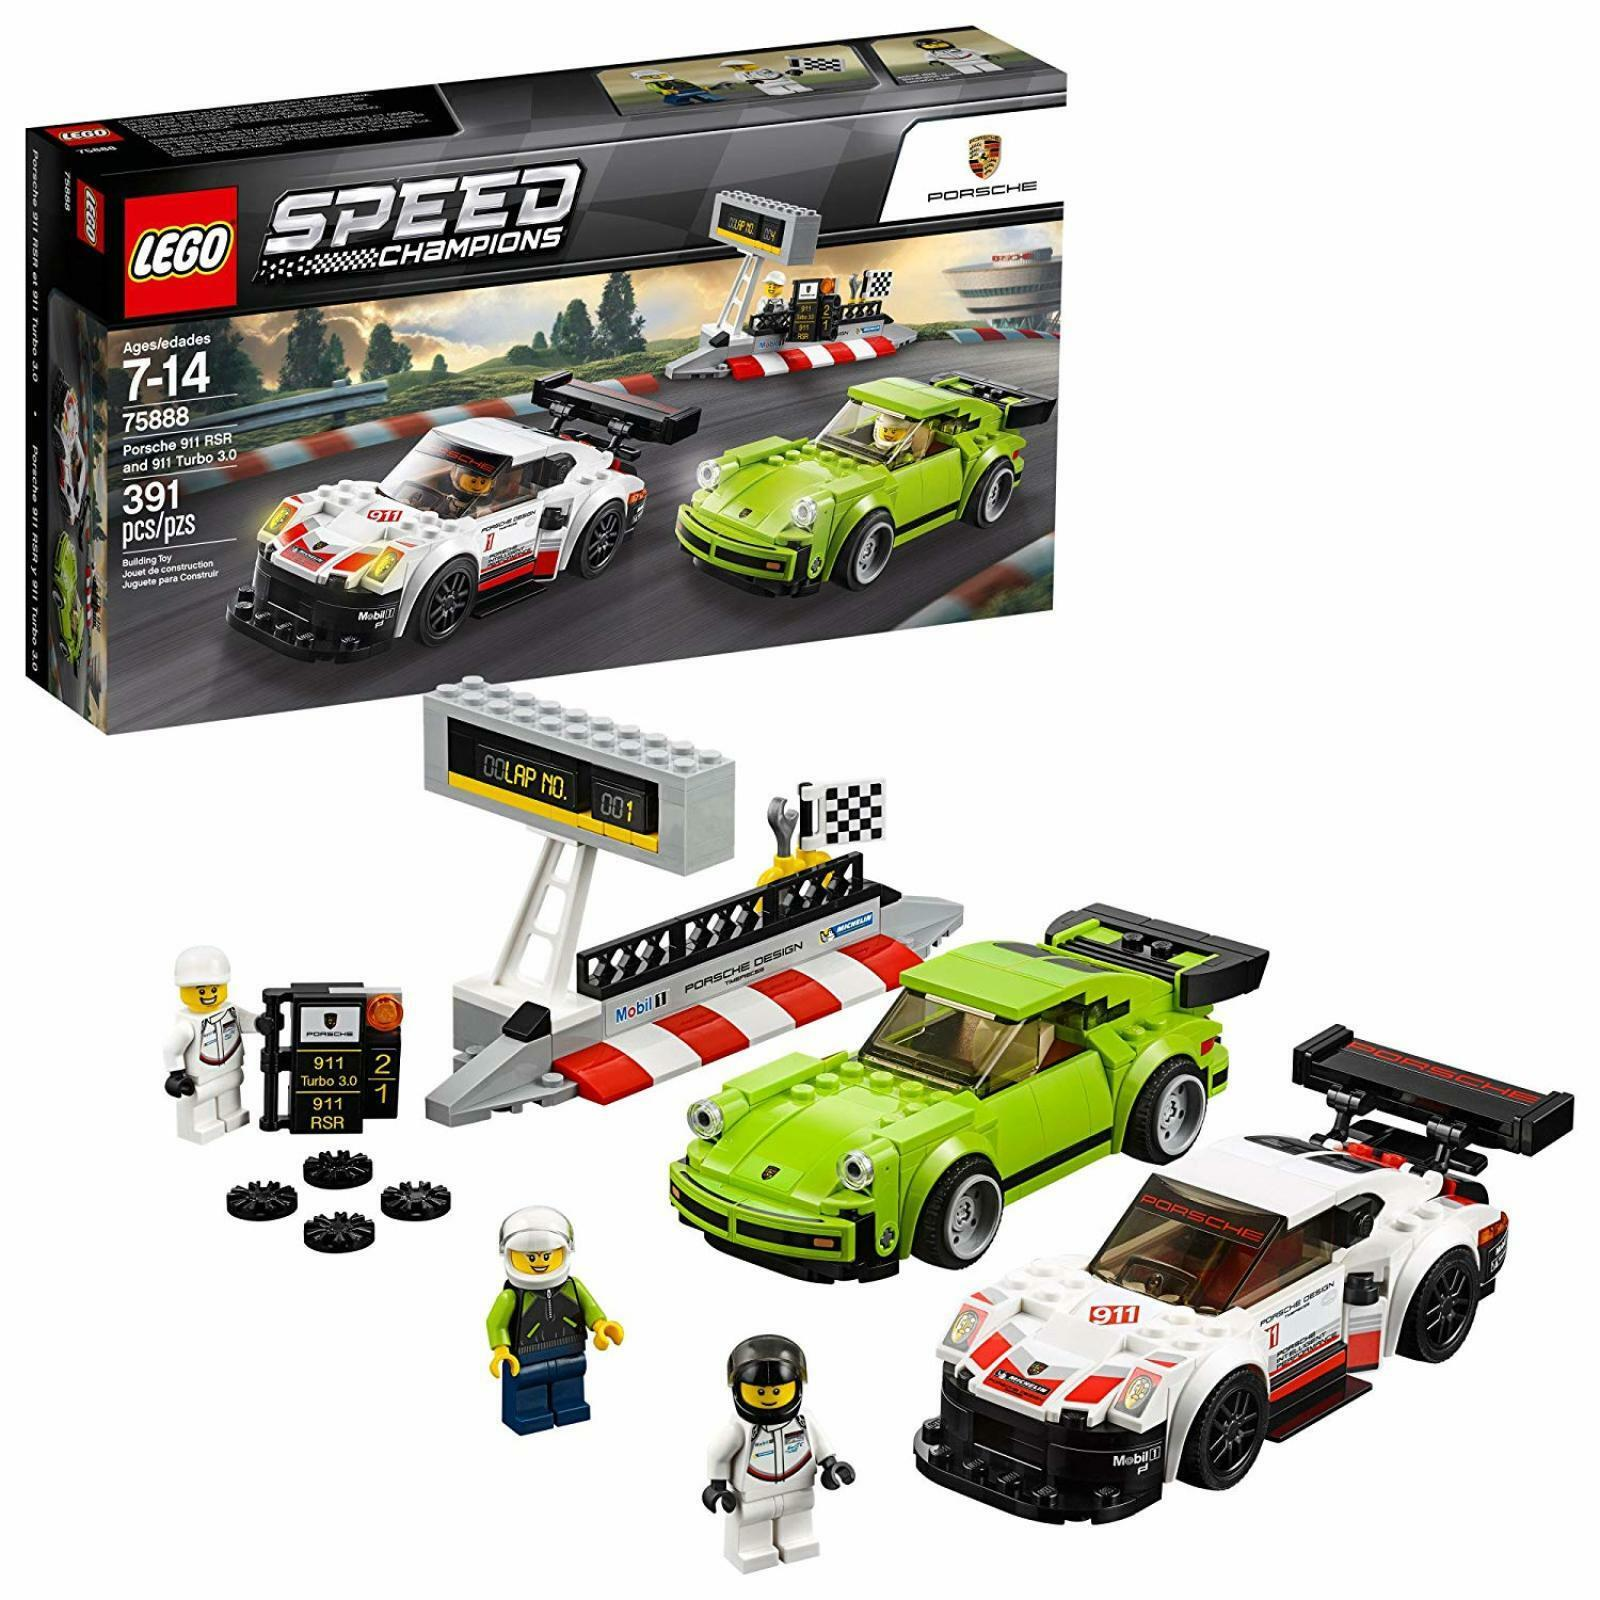 Kit de juego de construcción Lego Porsche 911 Cocherera Coche Ruedas Motor Regalo Diverdeido Racing amigos